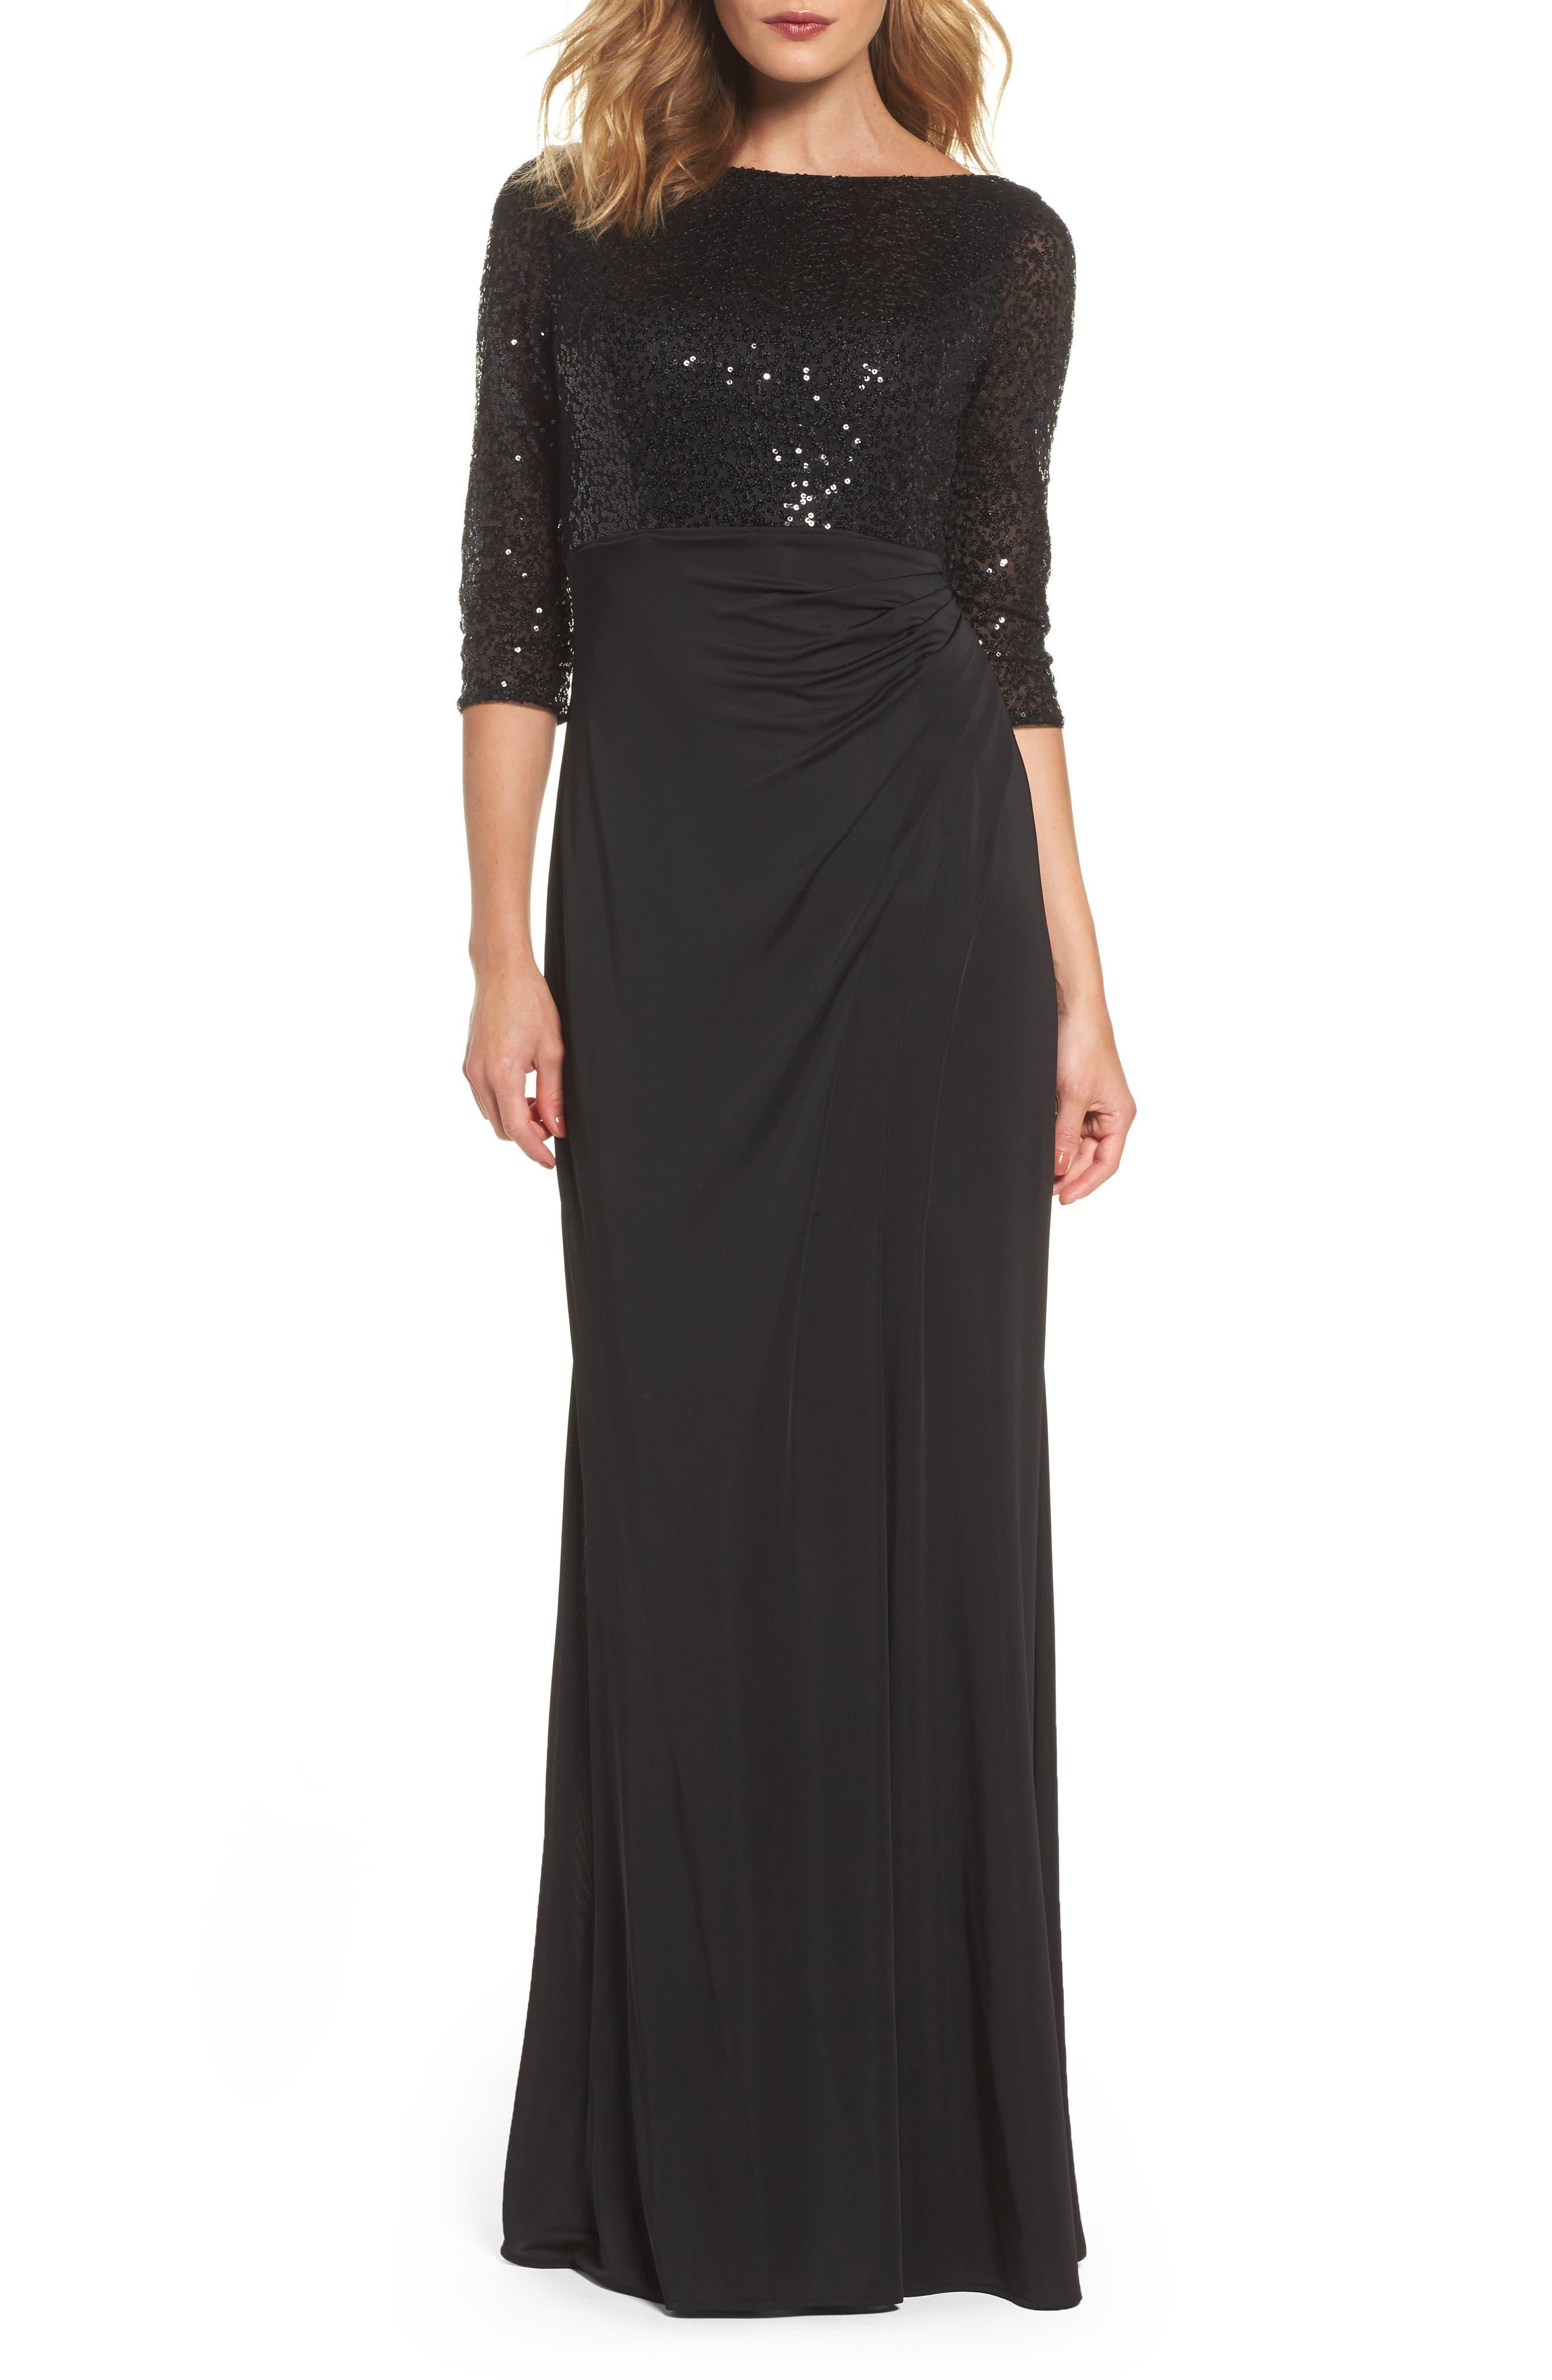 La Femme Sequin & Jersey Gown, Black